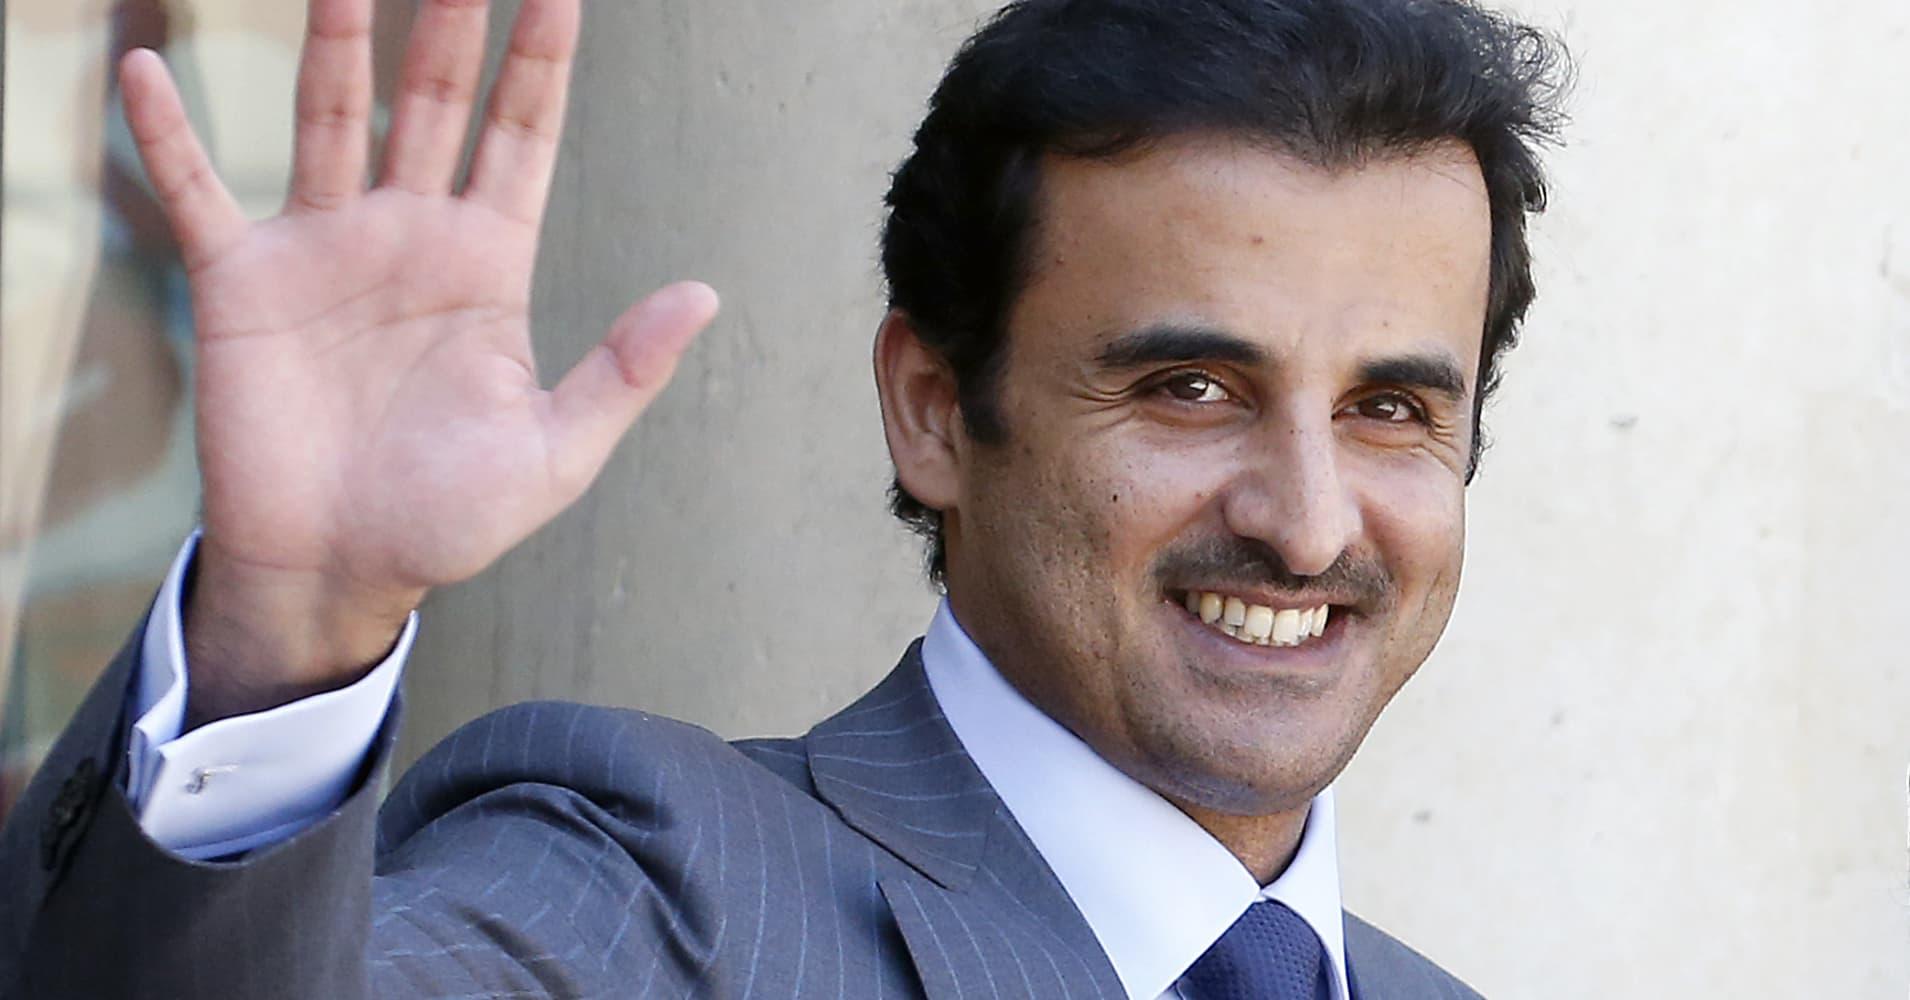 Qatar's Emir says the Gulf 'crises will pass'